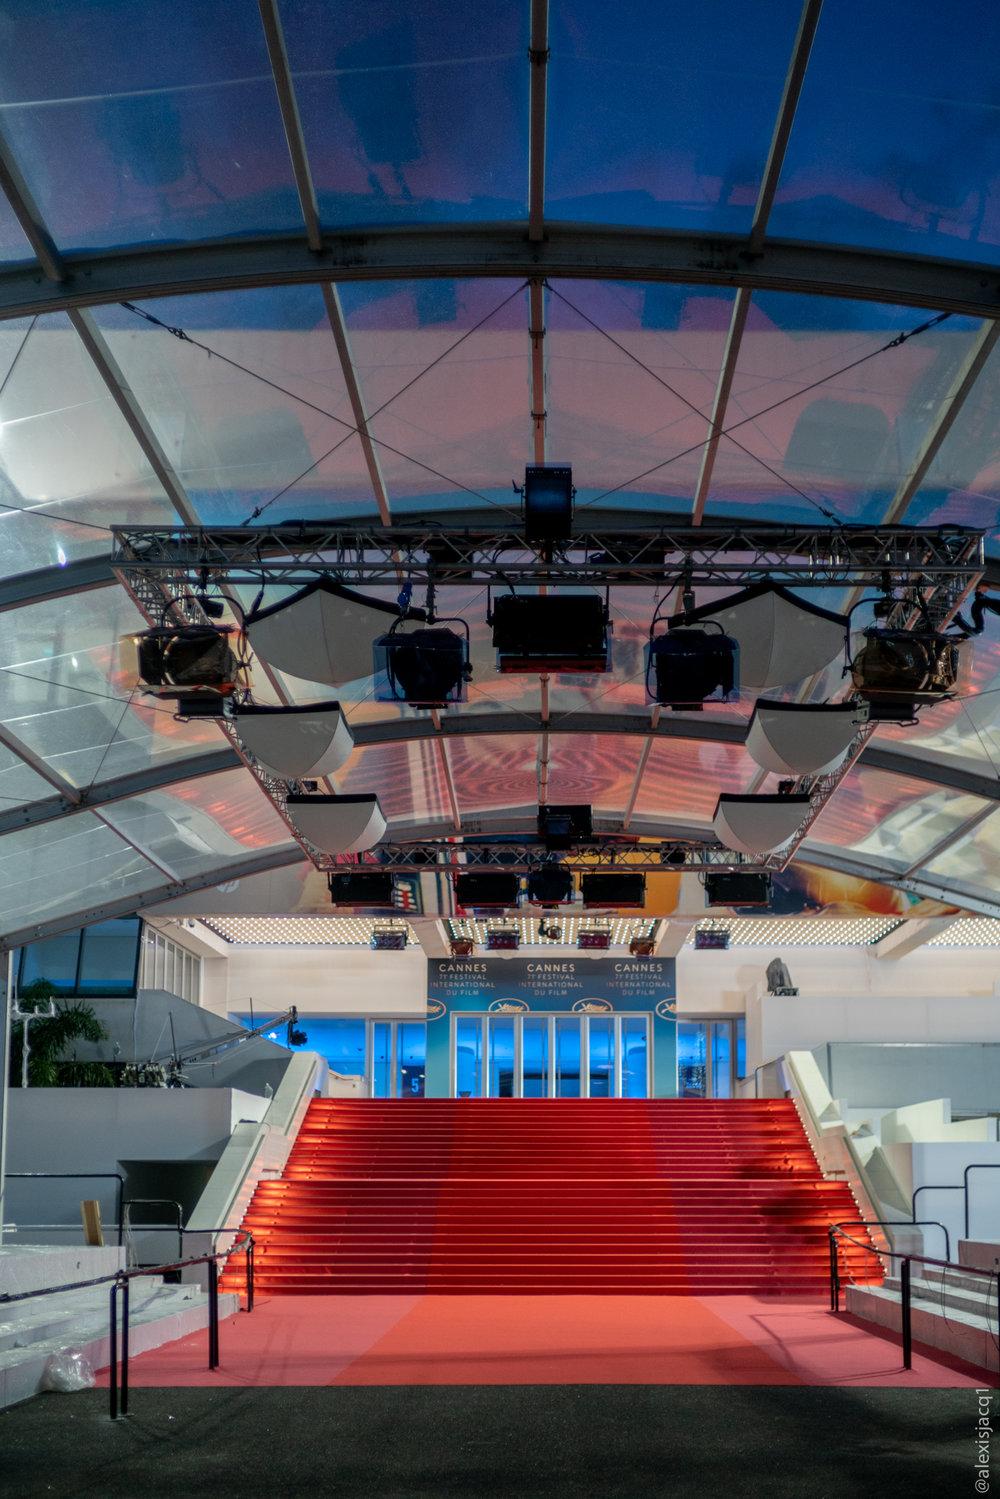 Festival de Cannes by alexisjacquin 2018 lundi 7 mai 2018 web©-DSC08060.jpg